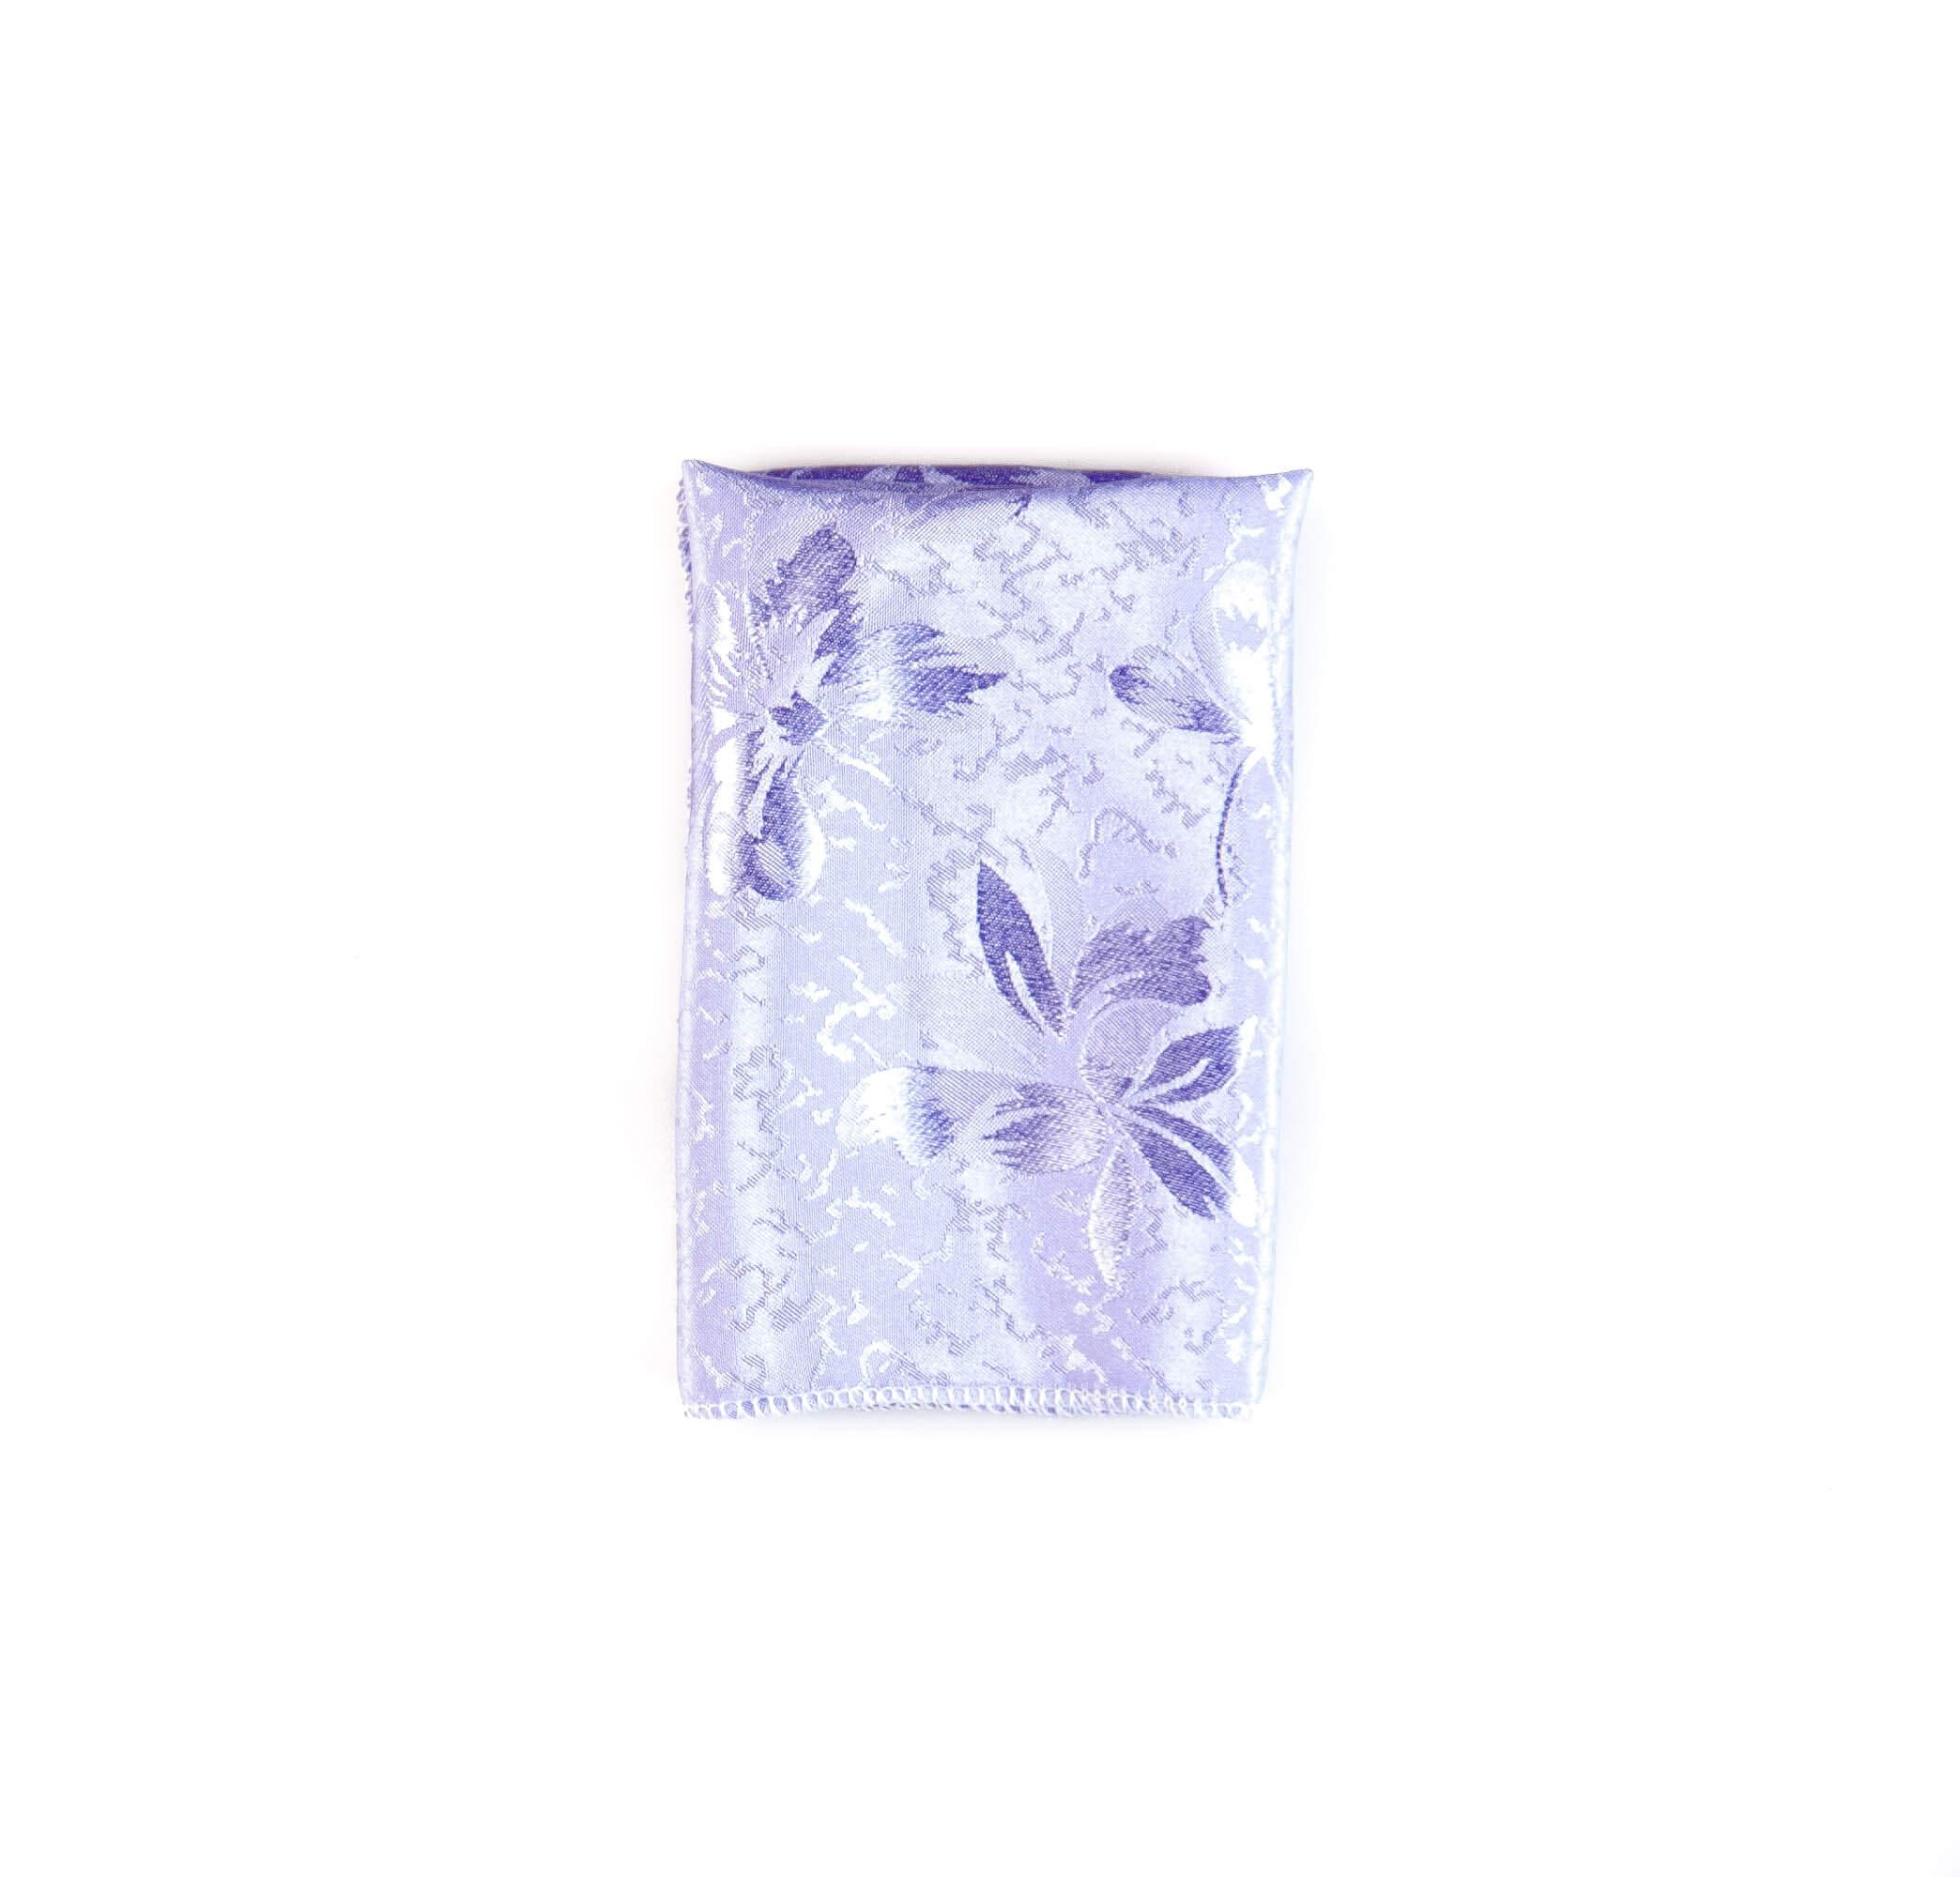 دستمال جیب طرح گلدار رنگ بنفش روشن کد PS1053